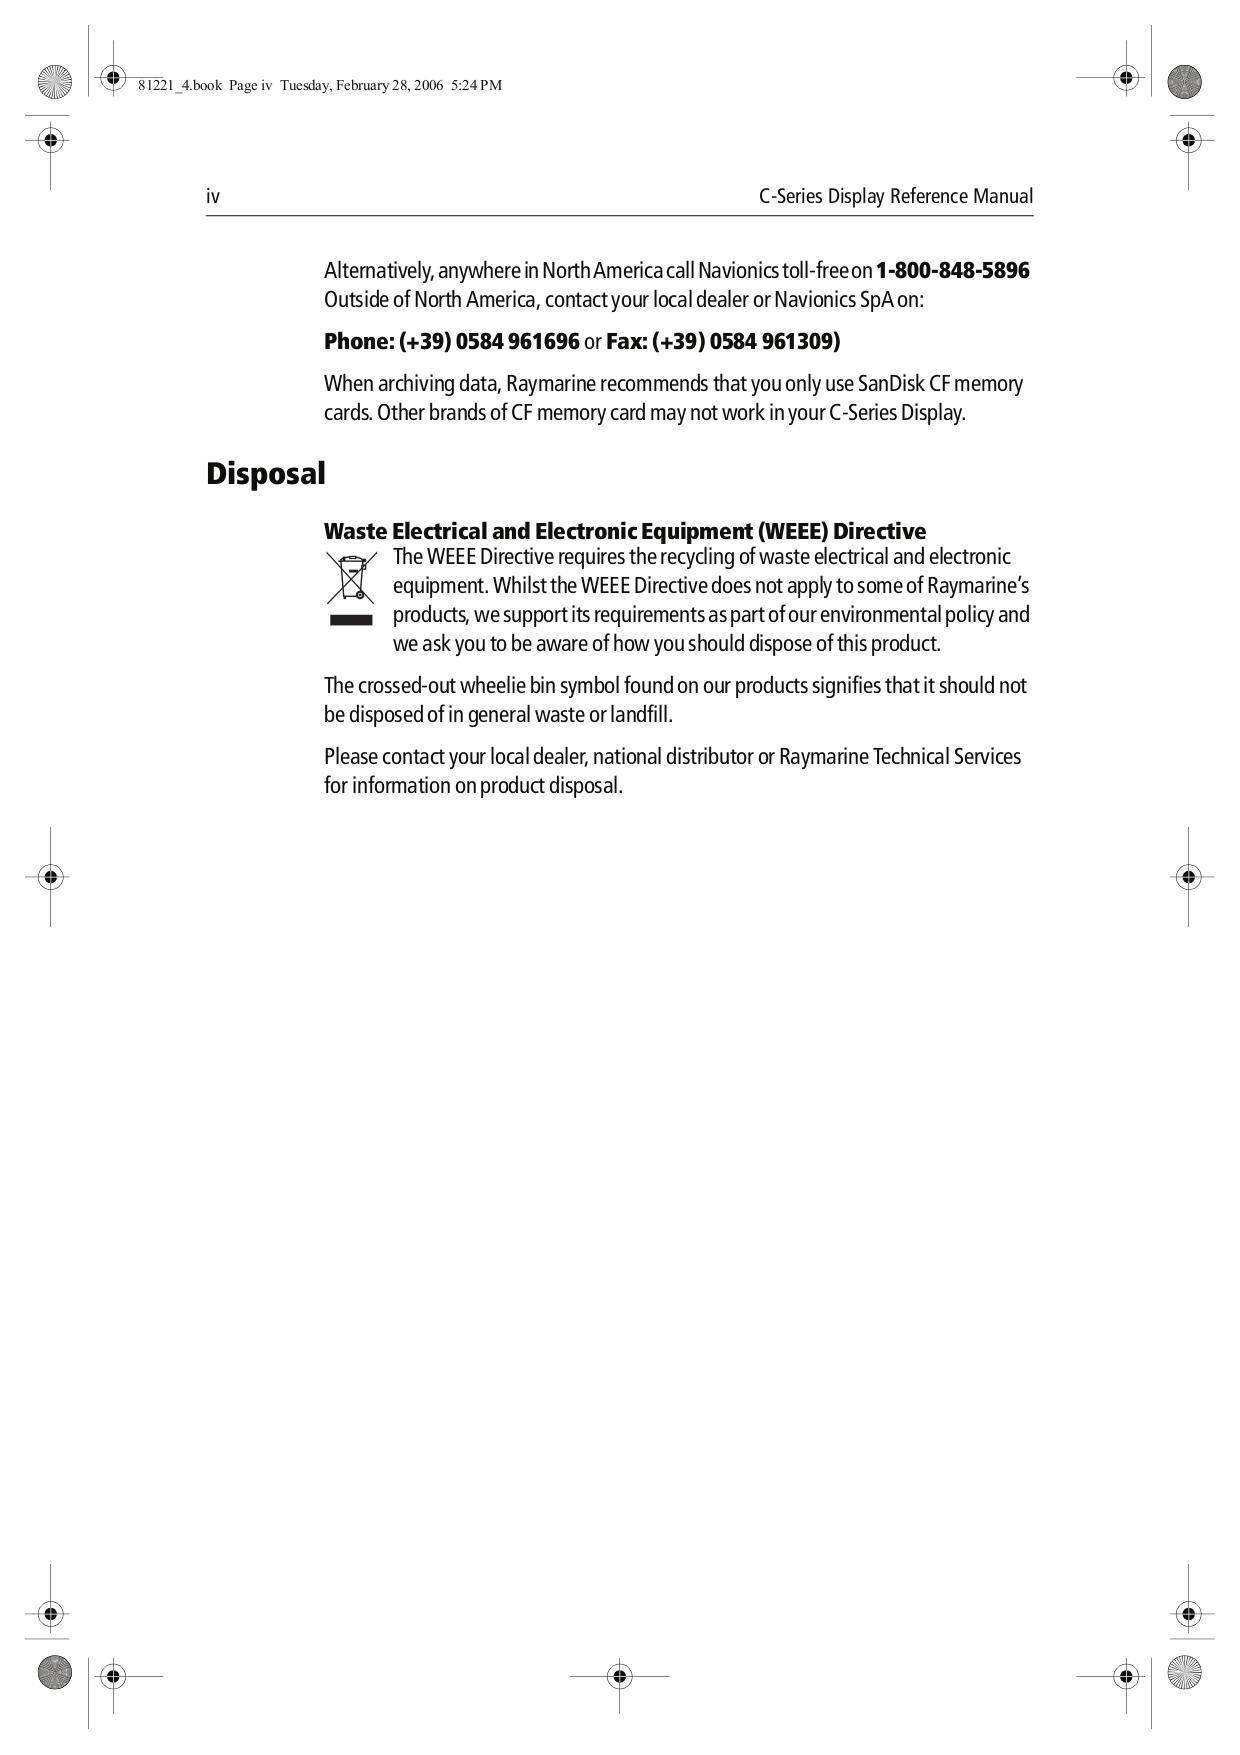 pdf manual for raymarine other apelco 360 fishfinder rh umlib com Raymarine Dragonfly Transducer Apelco Fishfinder 360